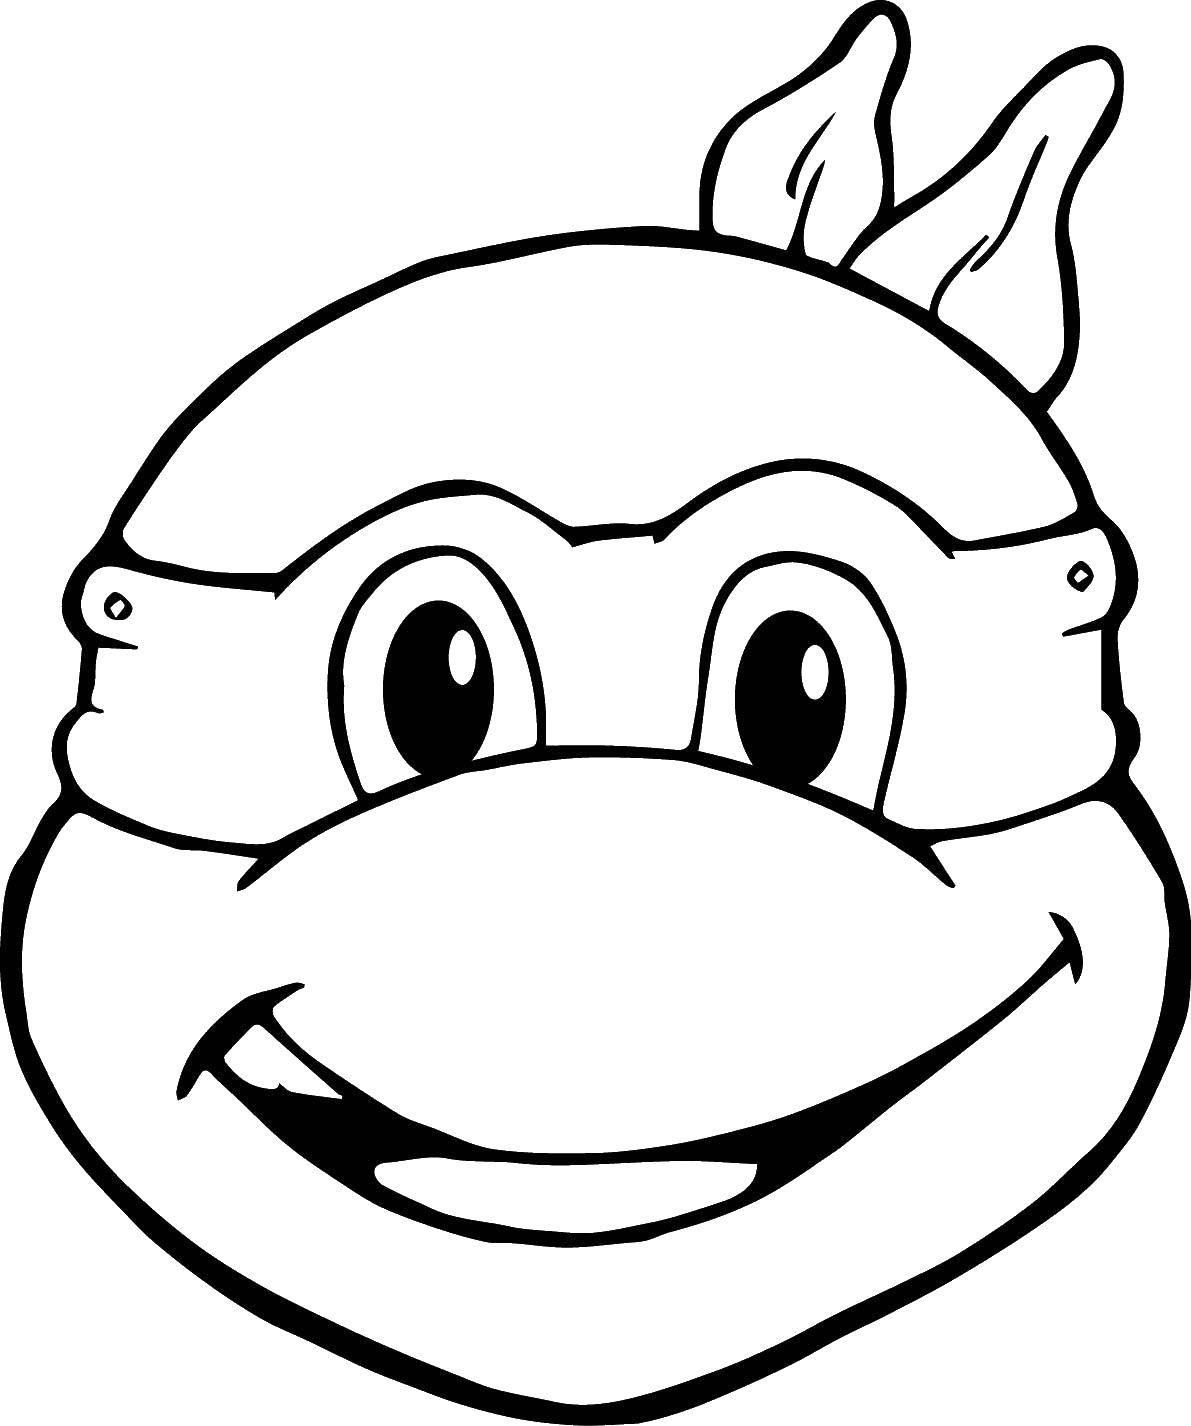 Раскраска Черепашка ниндзя маска Скачать мультфильмы, черепашки ниндзя, маски.  Распечатать ,черепашки ниндзя,